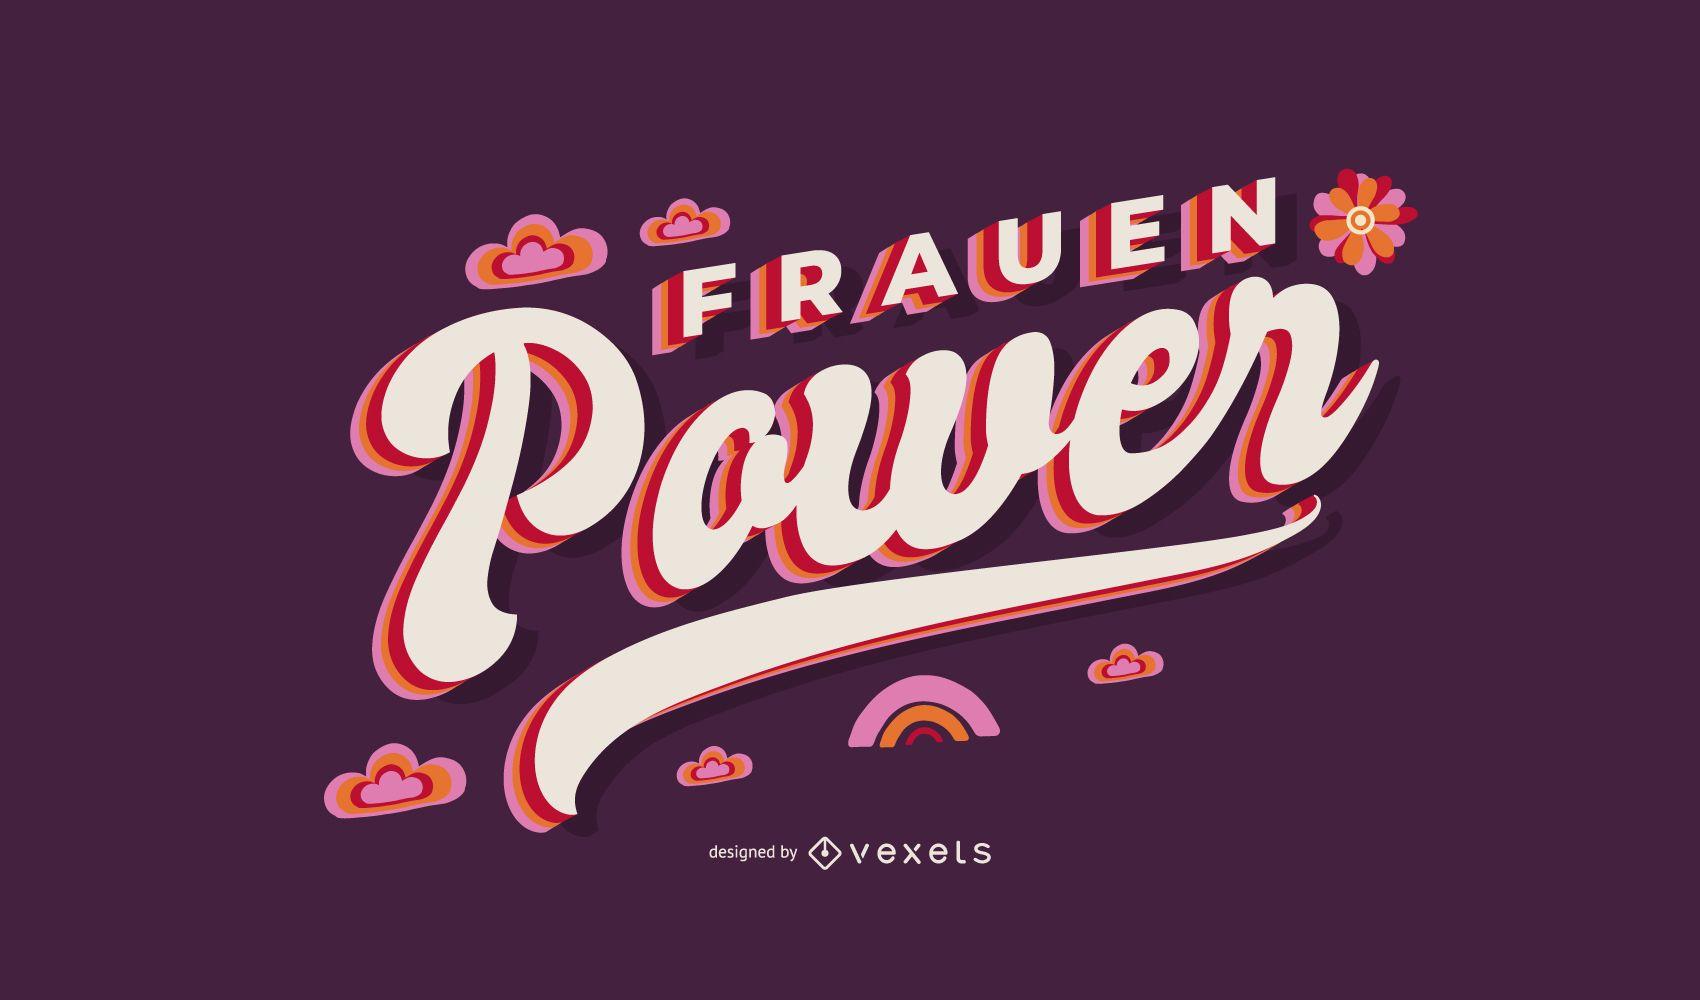 Frauen Power Lettering Design